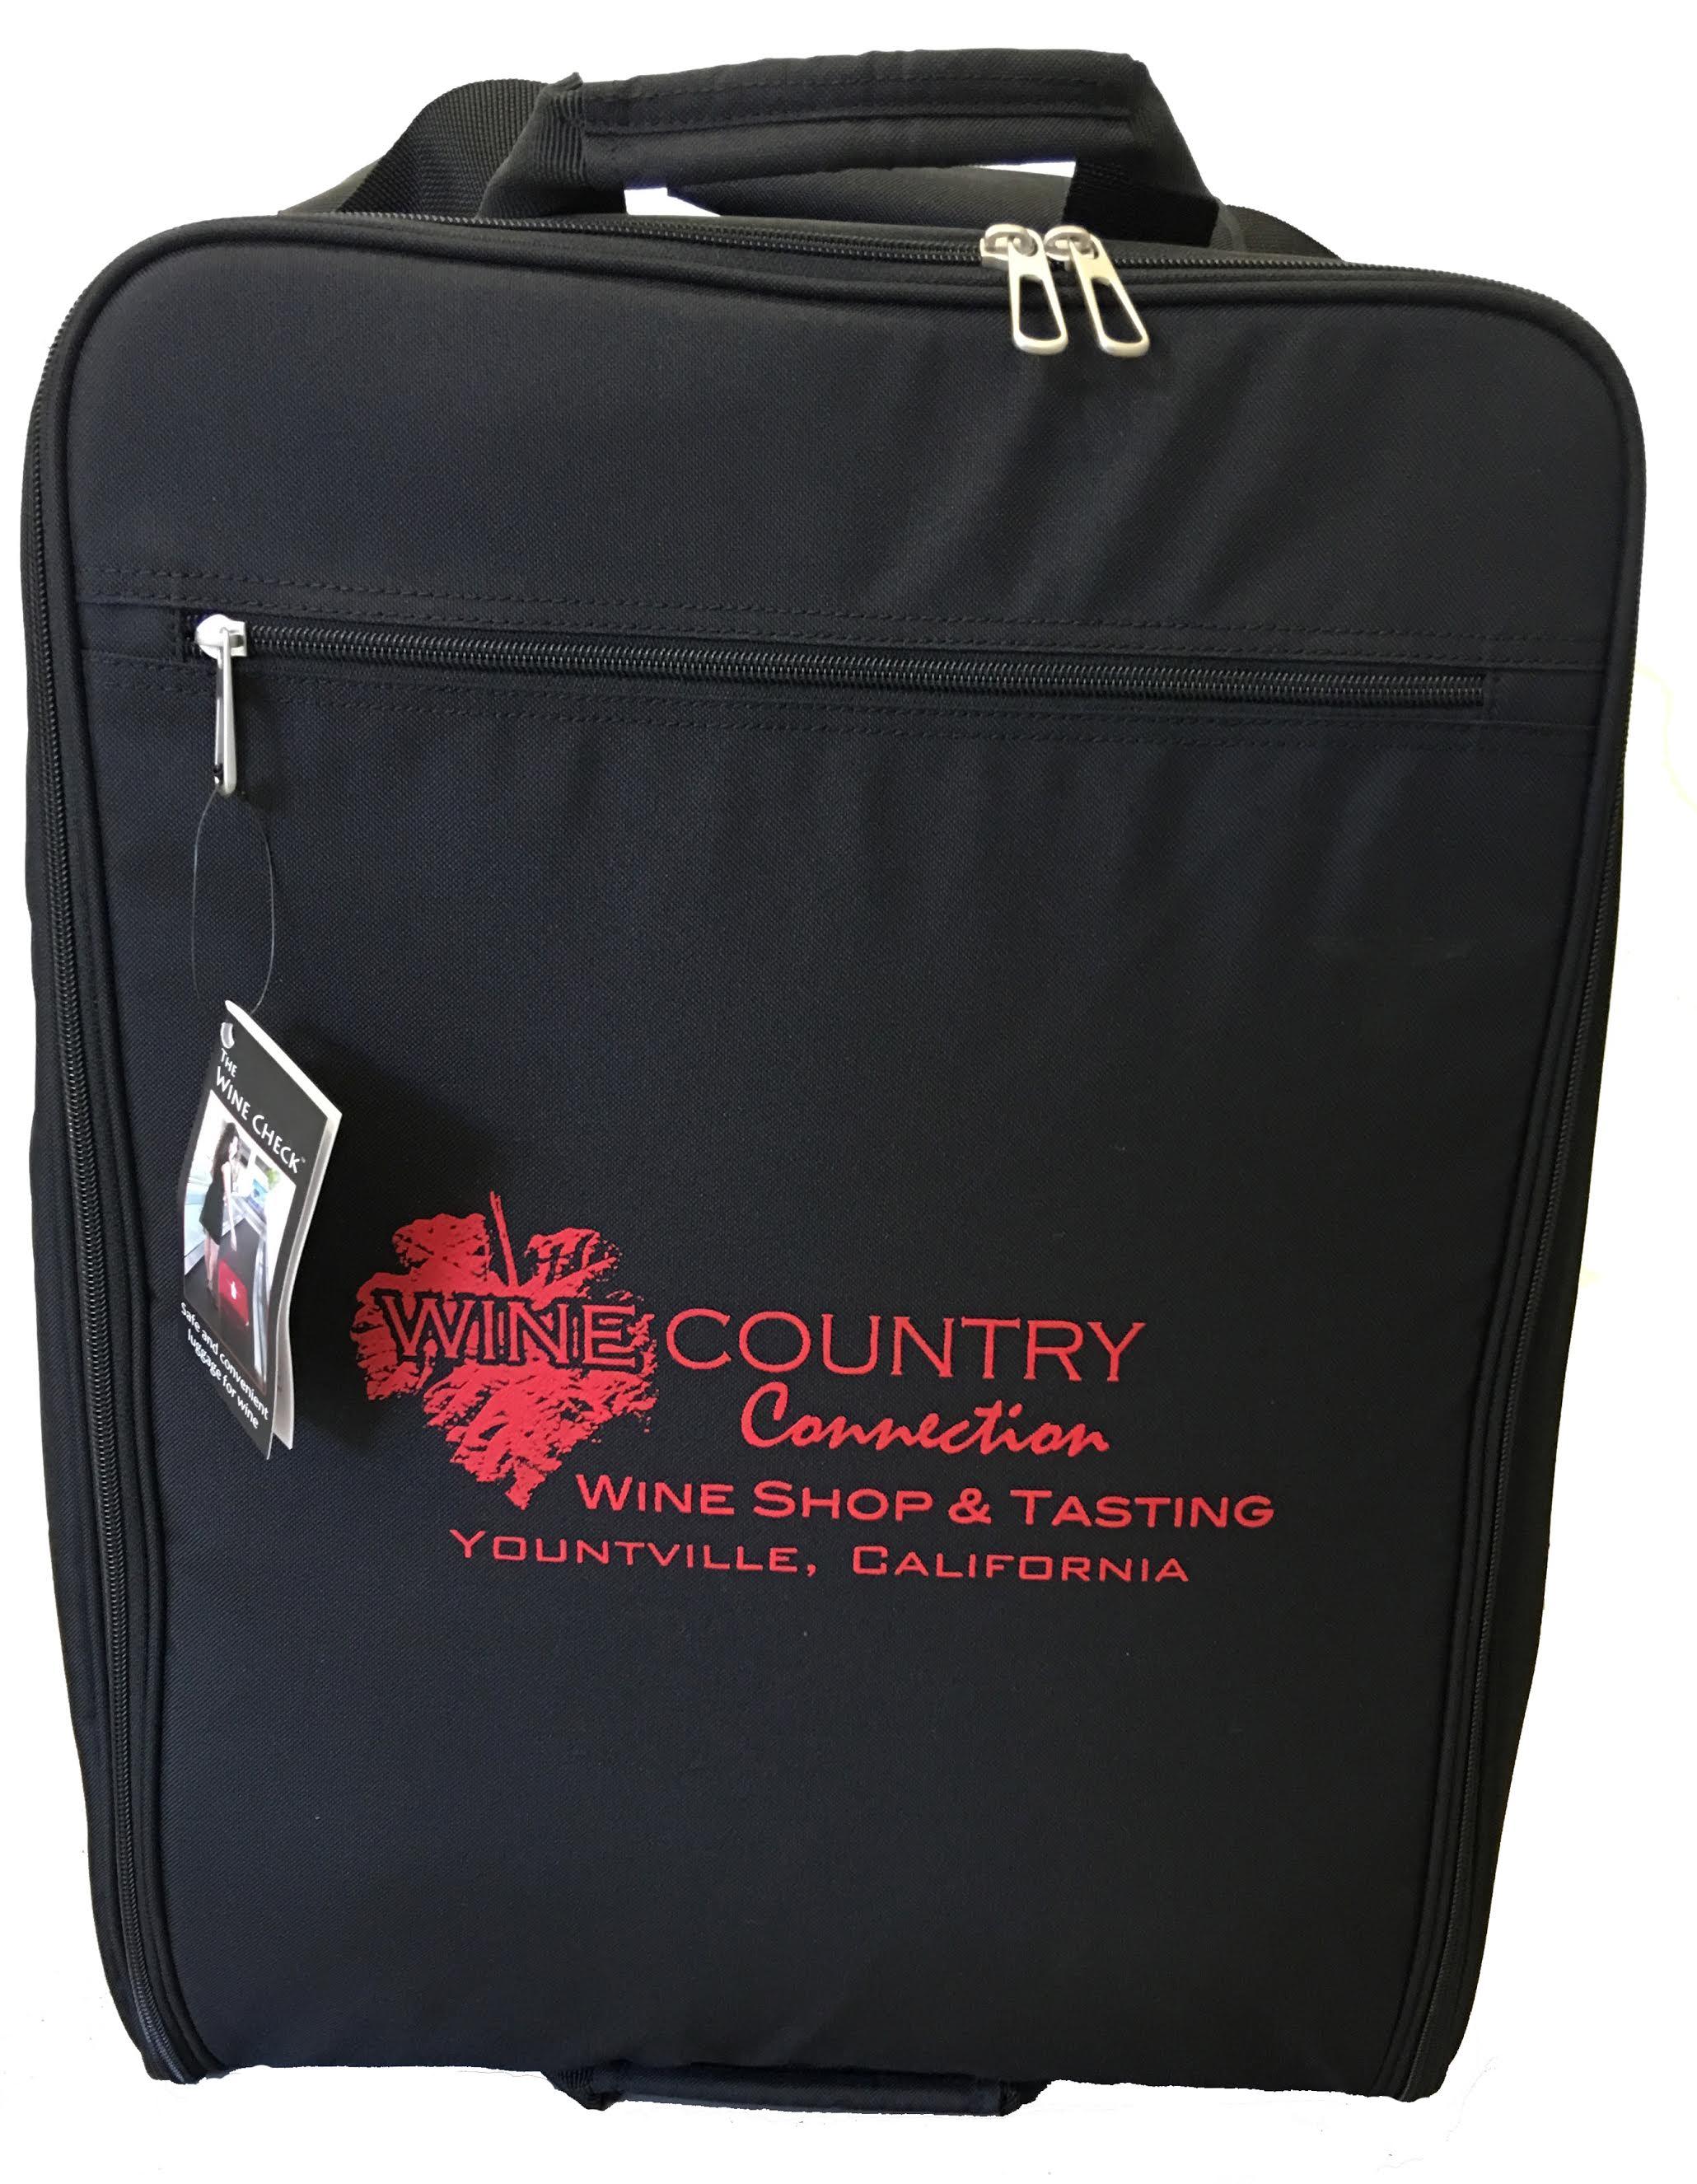 The Wine Check Bag